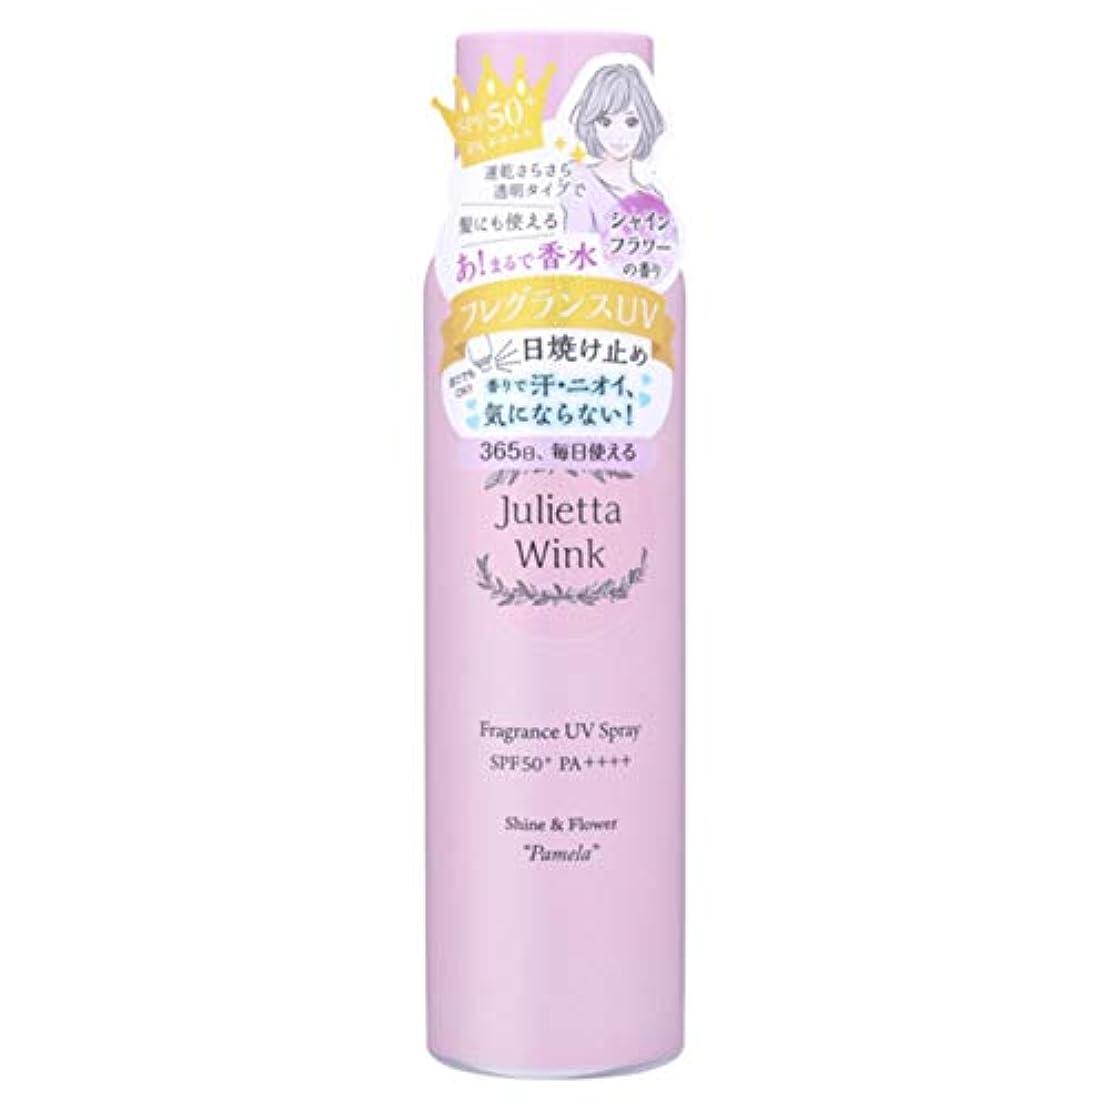 パキスタン人以上外部ジュリエッタウィンク フレグランス UVスプレー[パメラ]100g シャインフラワーの香り(ピンク)